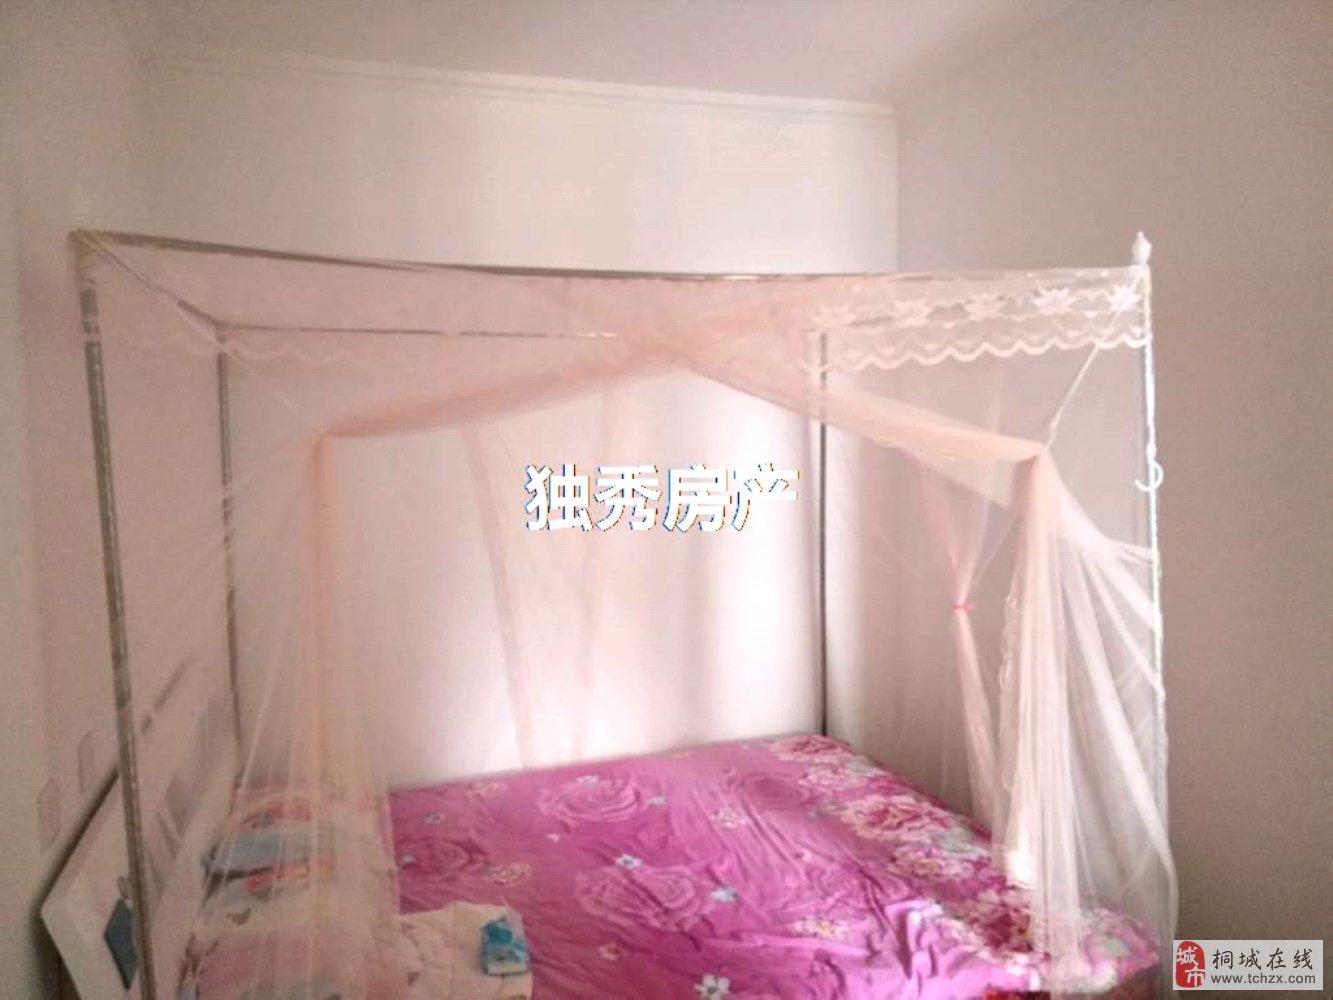 香山公馆婚房装修未入住置换急售随时看房